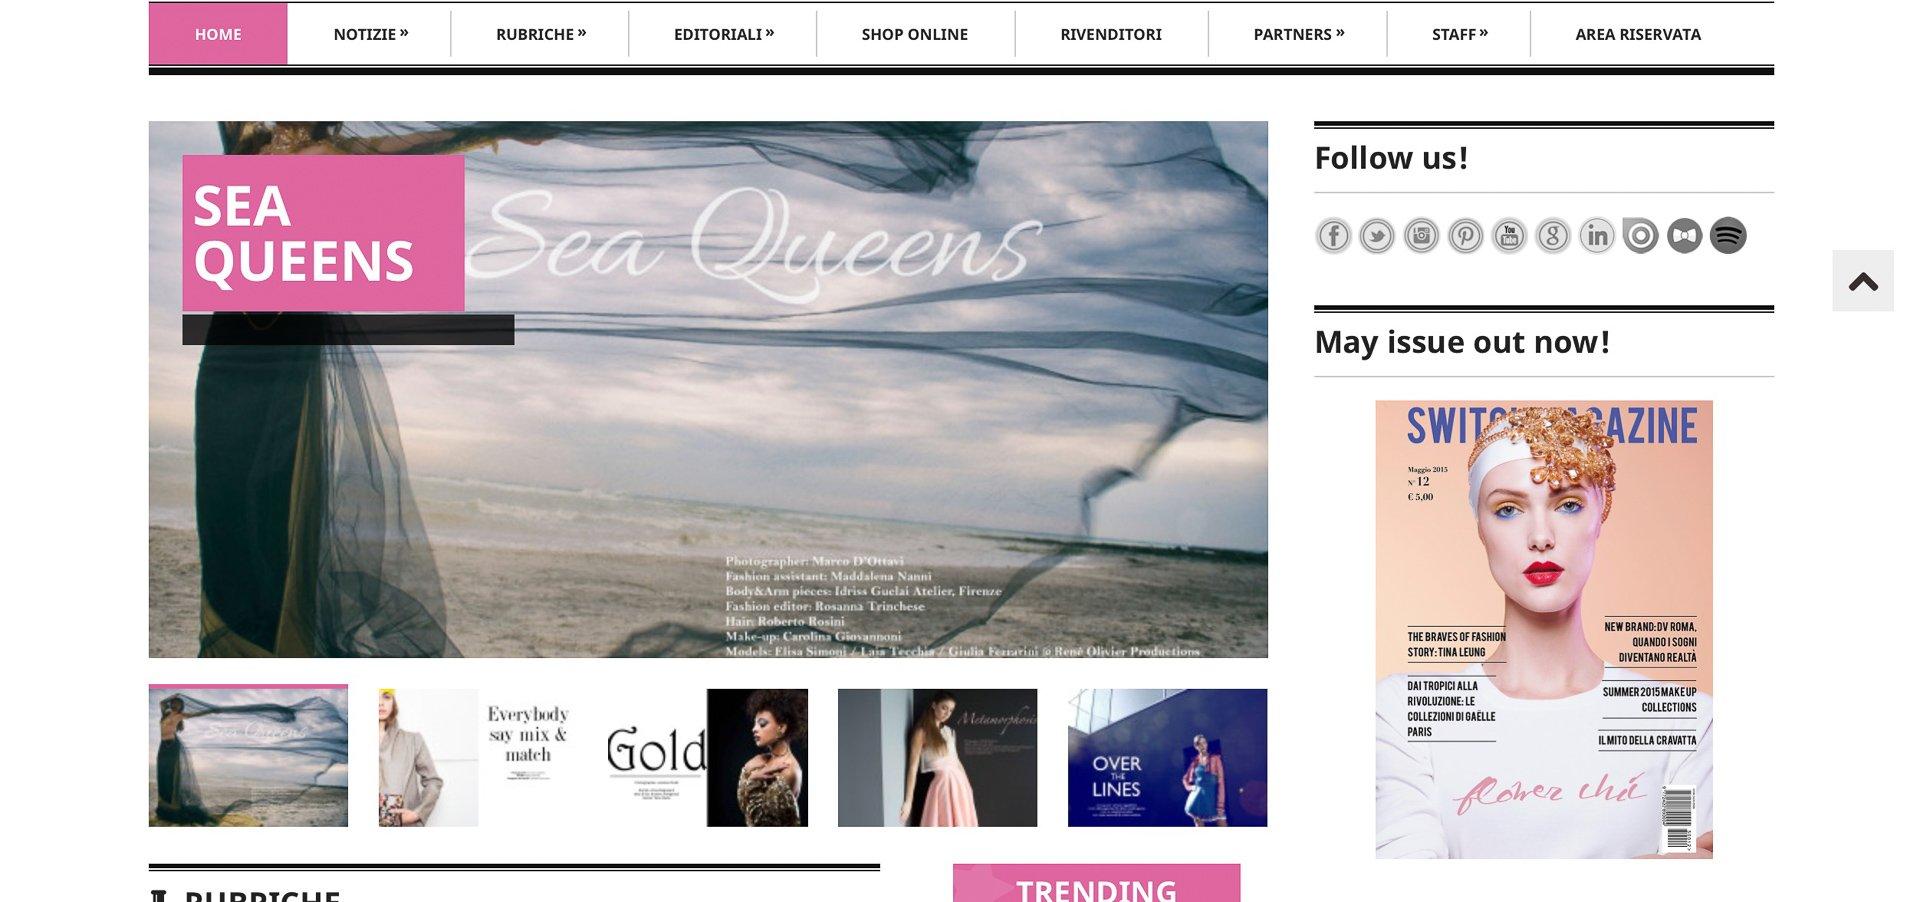 Sea-Queens-Idriss-Guelai-132 Fashion/Adv